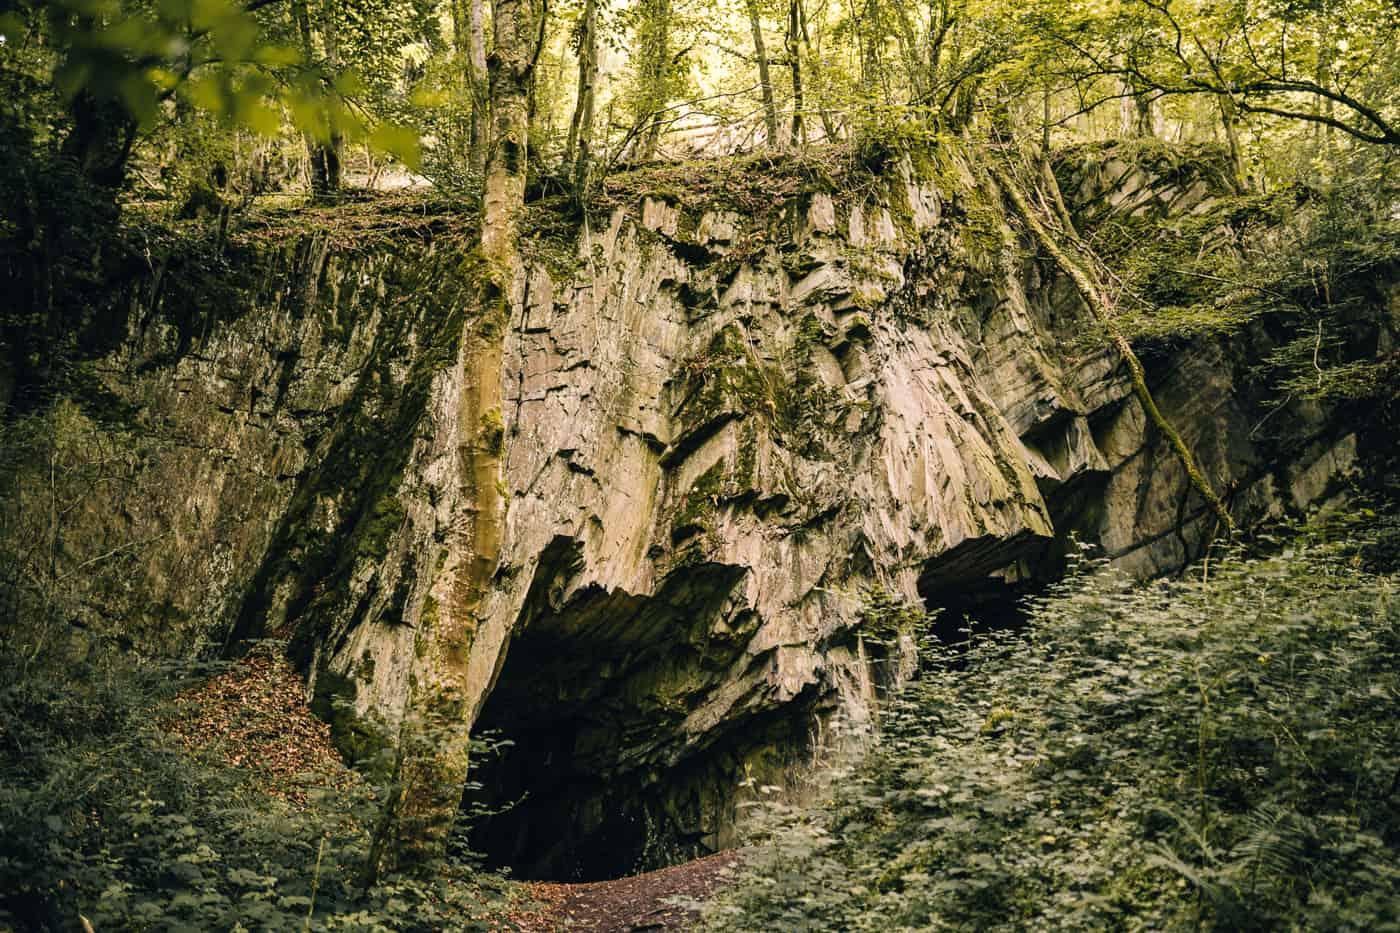 Baybachklamm Traumschleife Wanderung - Von der Baybachklamm ins Prinzbachtal / Alte Stollen